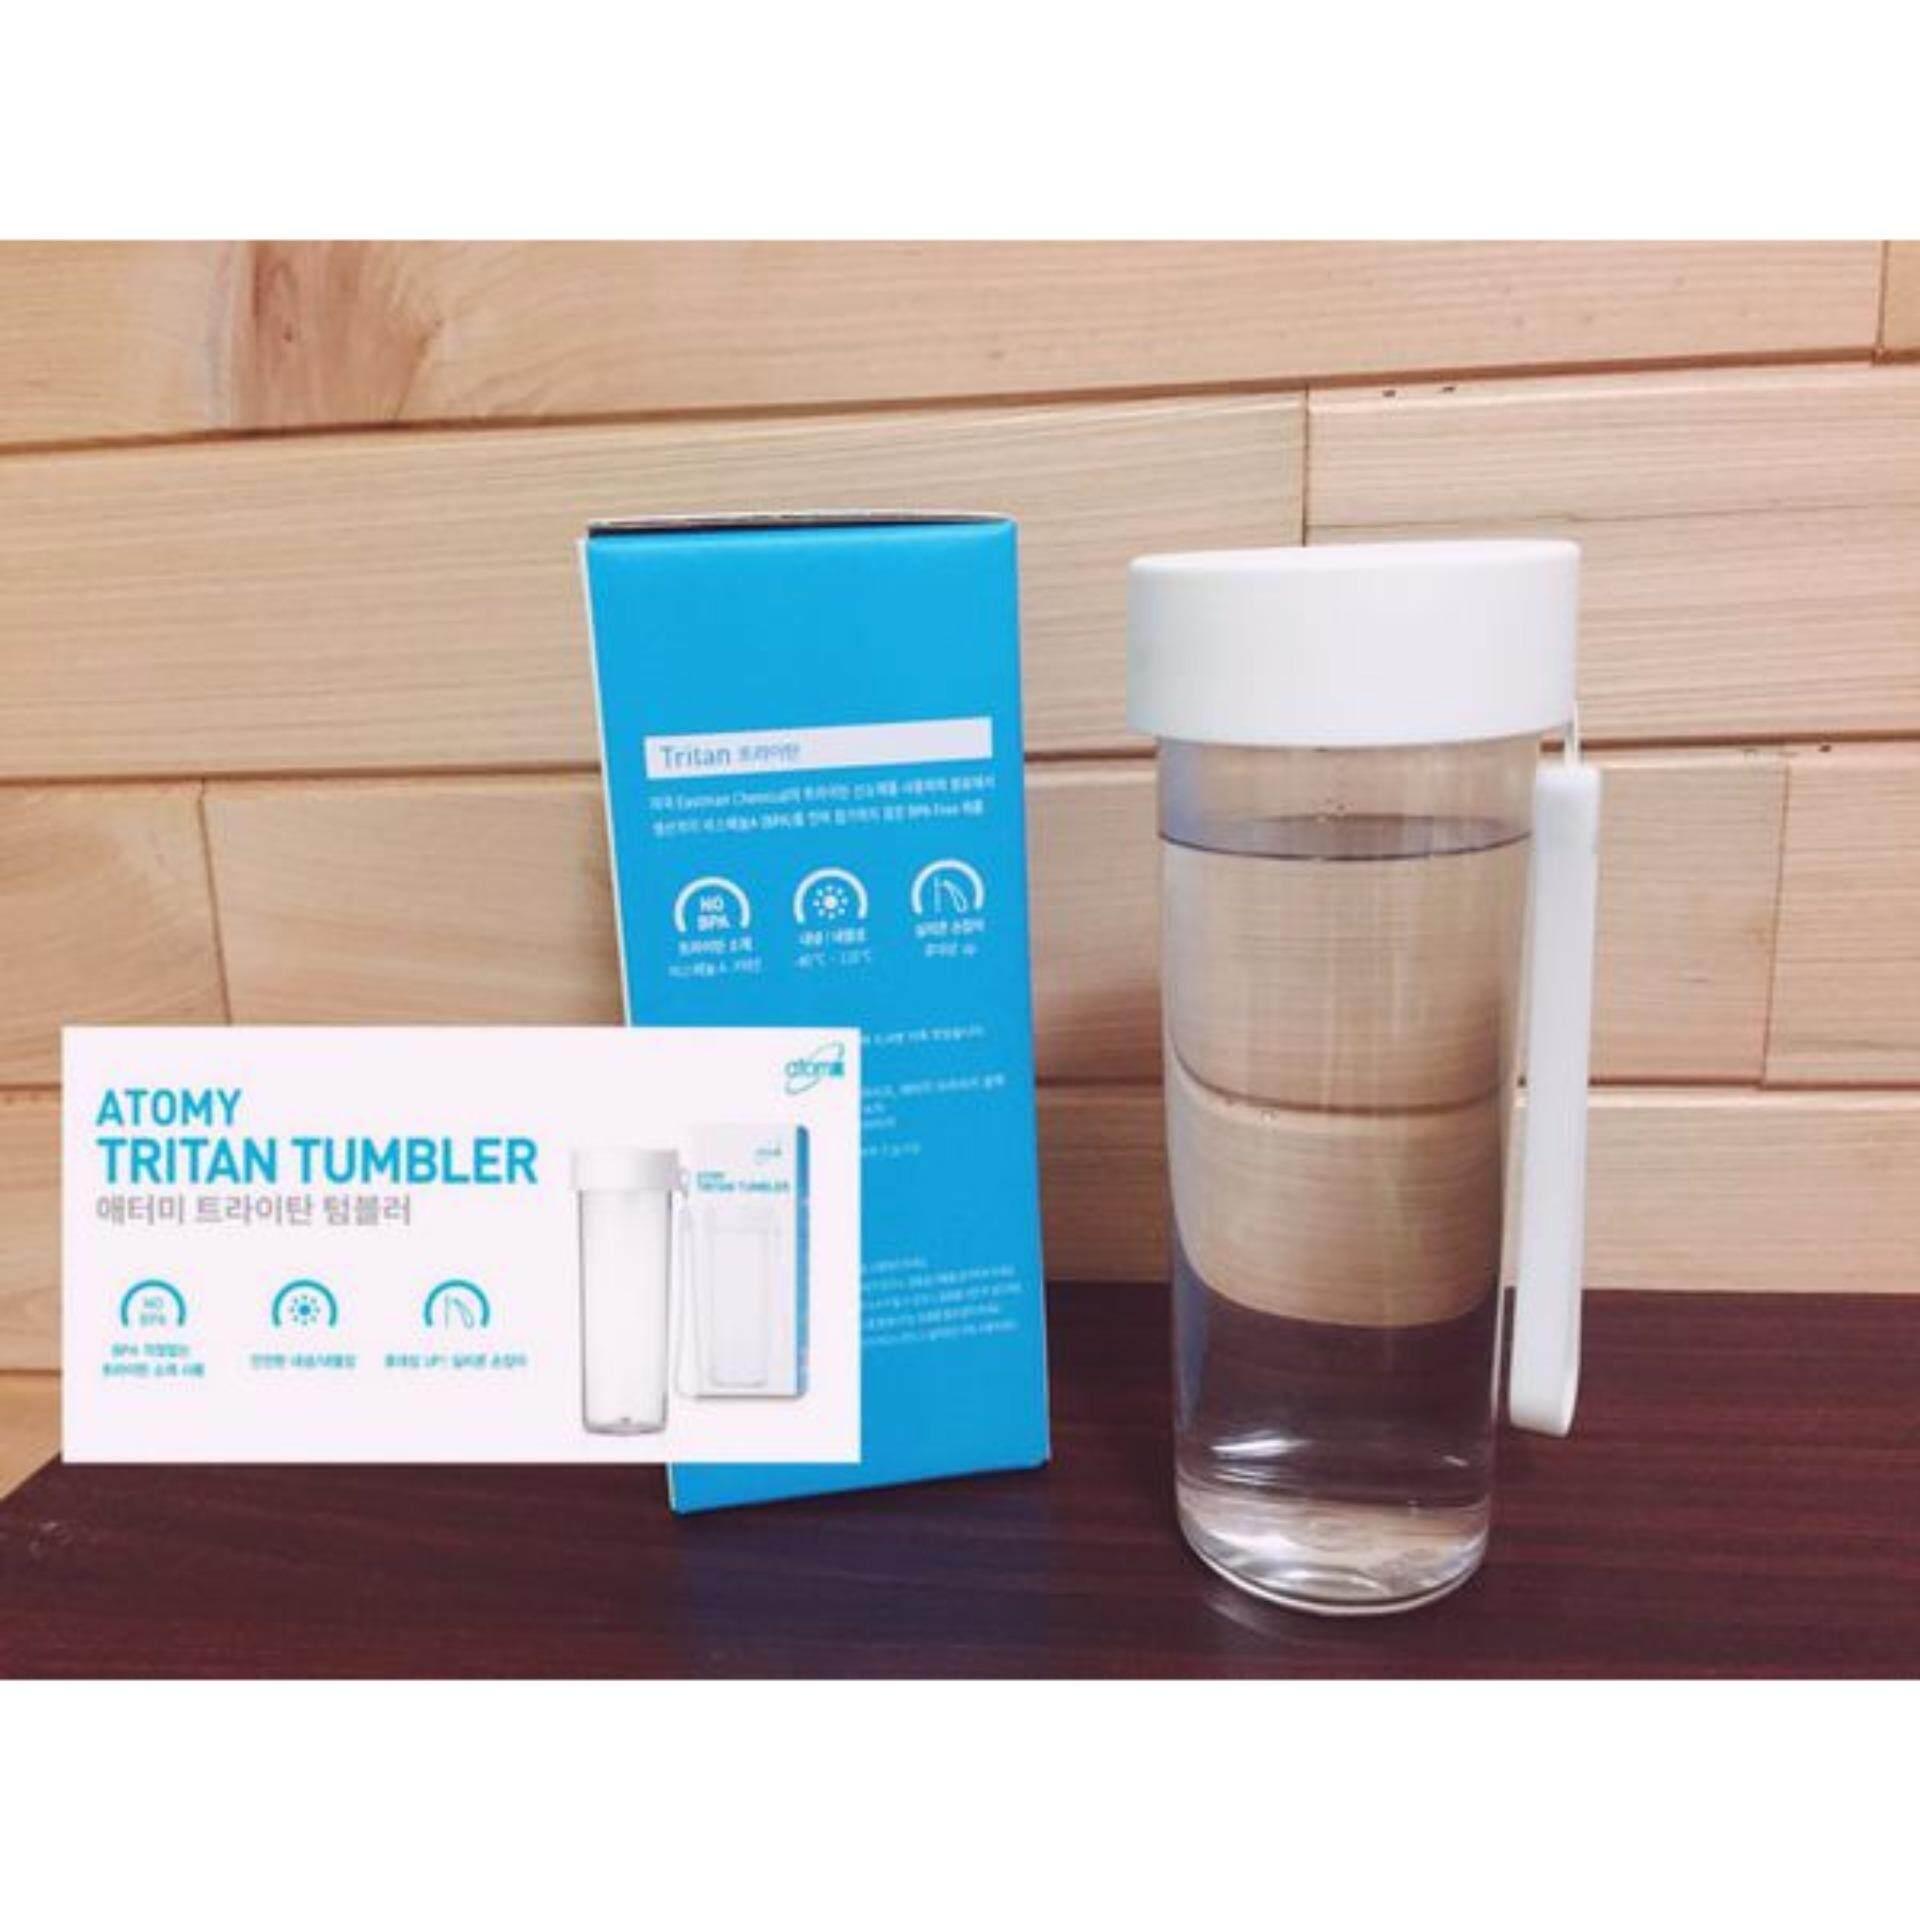 ATOMY BPA Free Tritan Tumbler (Imported from Korea)